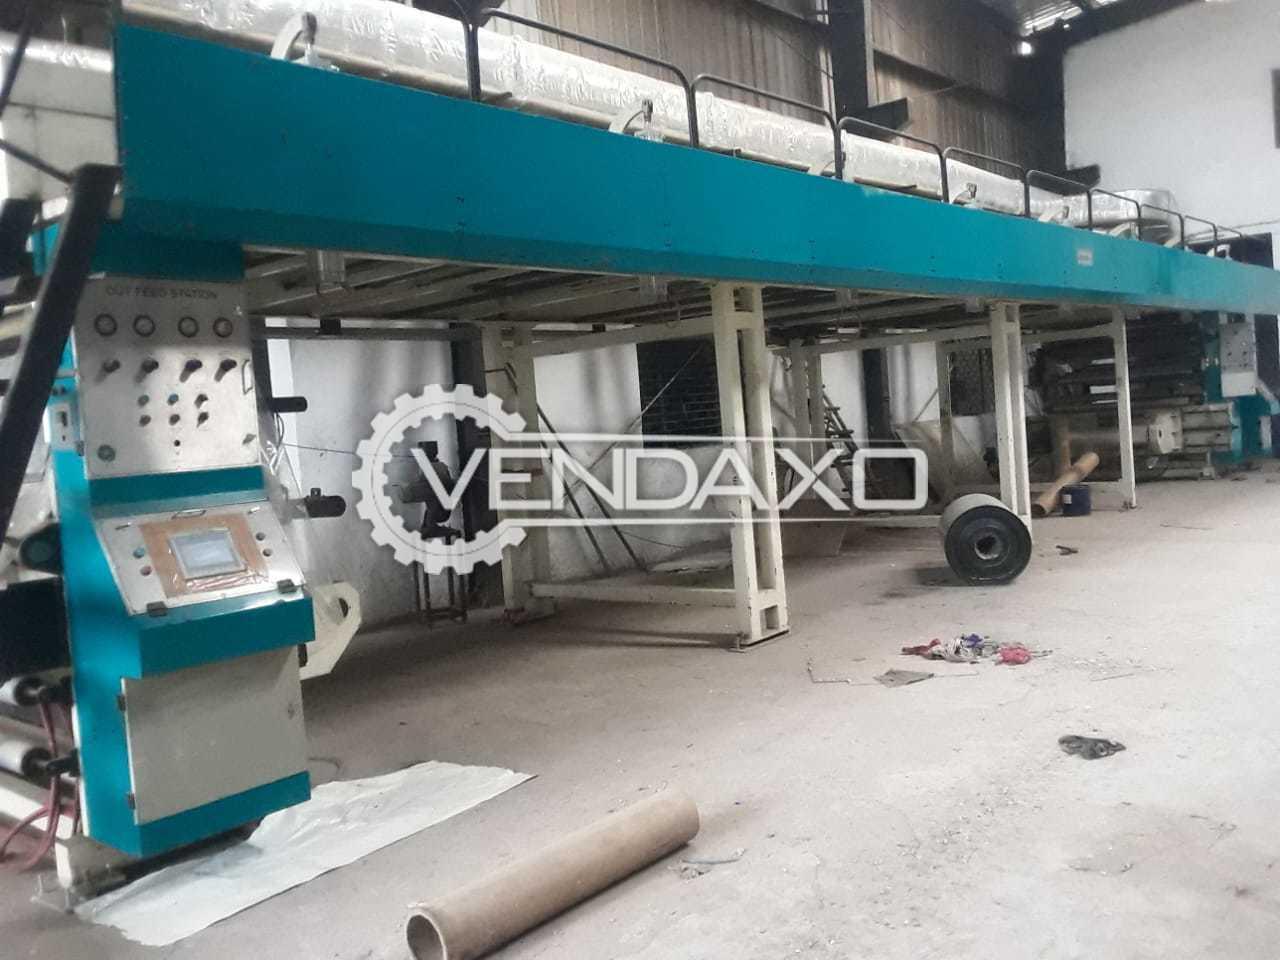 FG-B1000 Dry Lamination Machine - Length - 40 Feet, 2021 Model